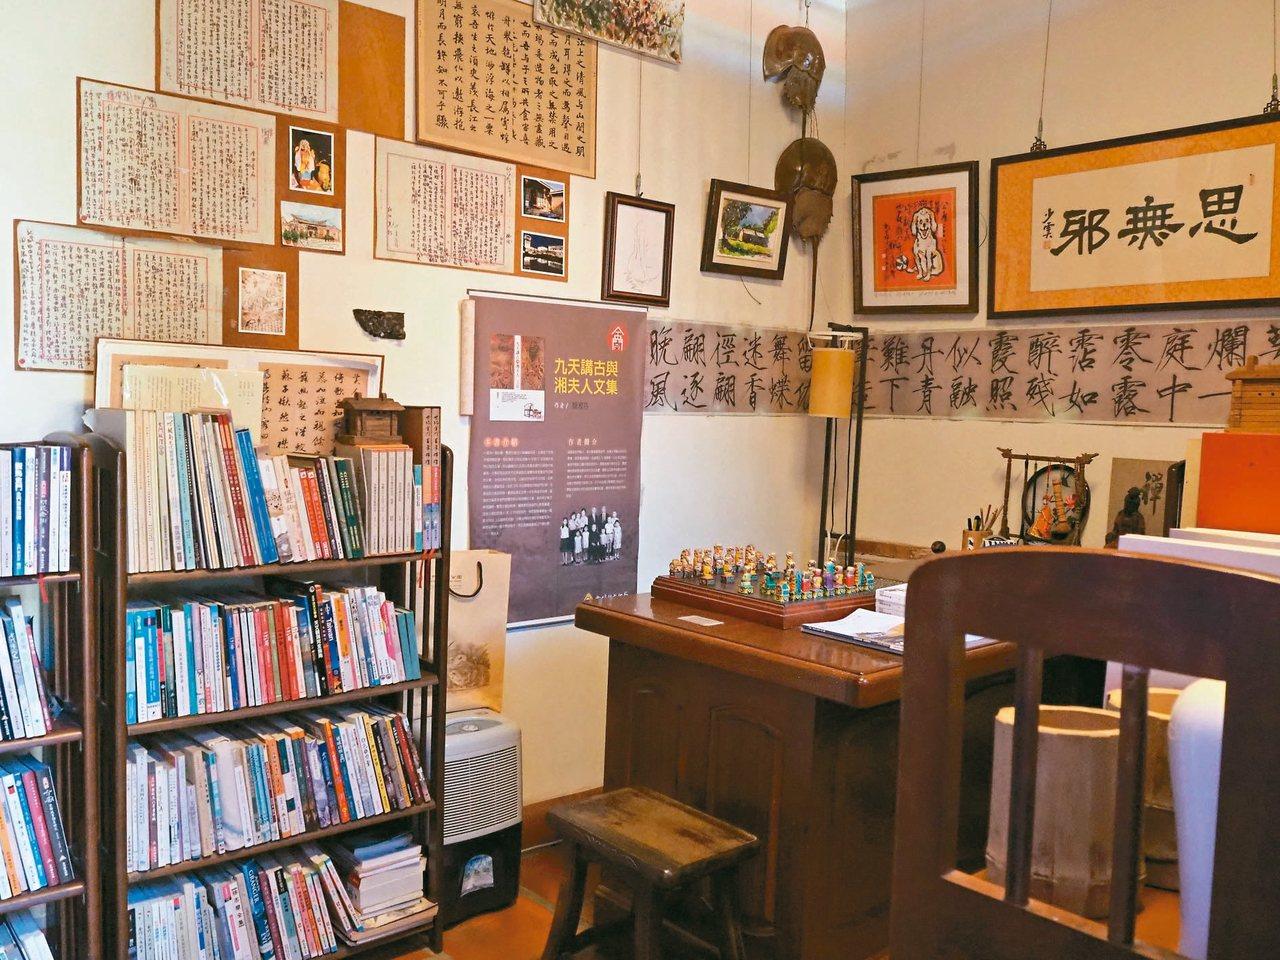 水調歌頭的書房。 記者羅建怡/攝影